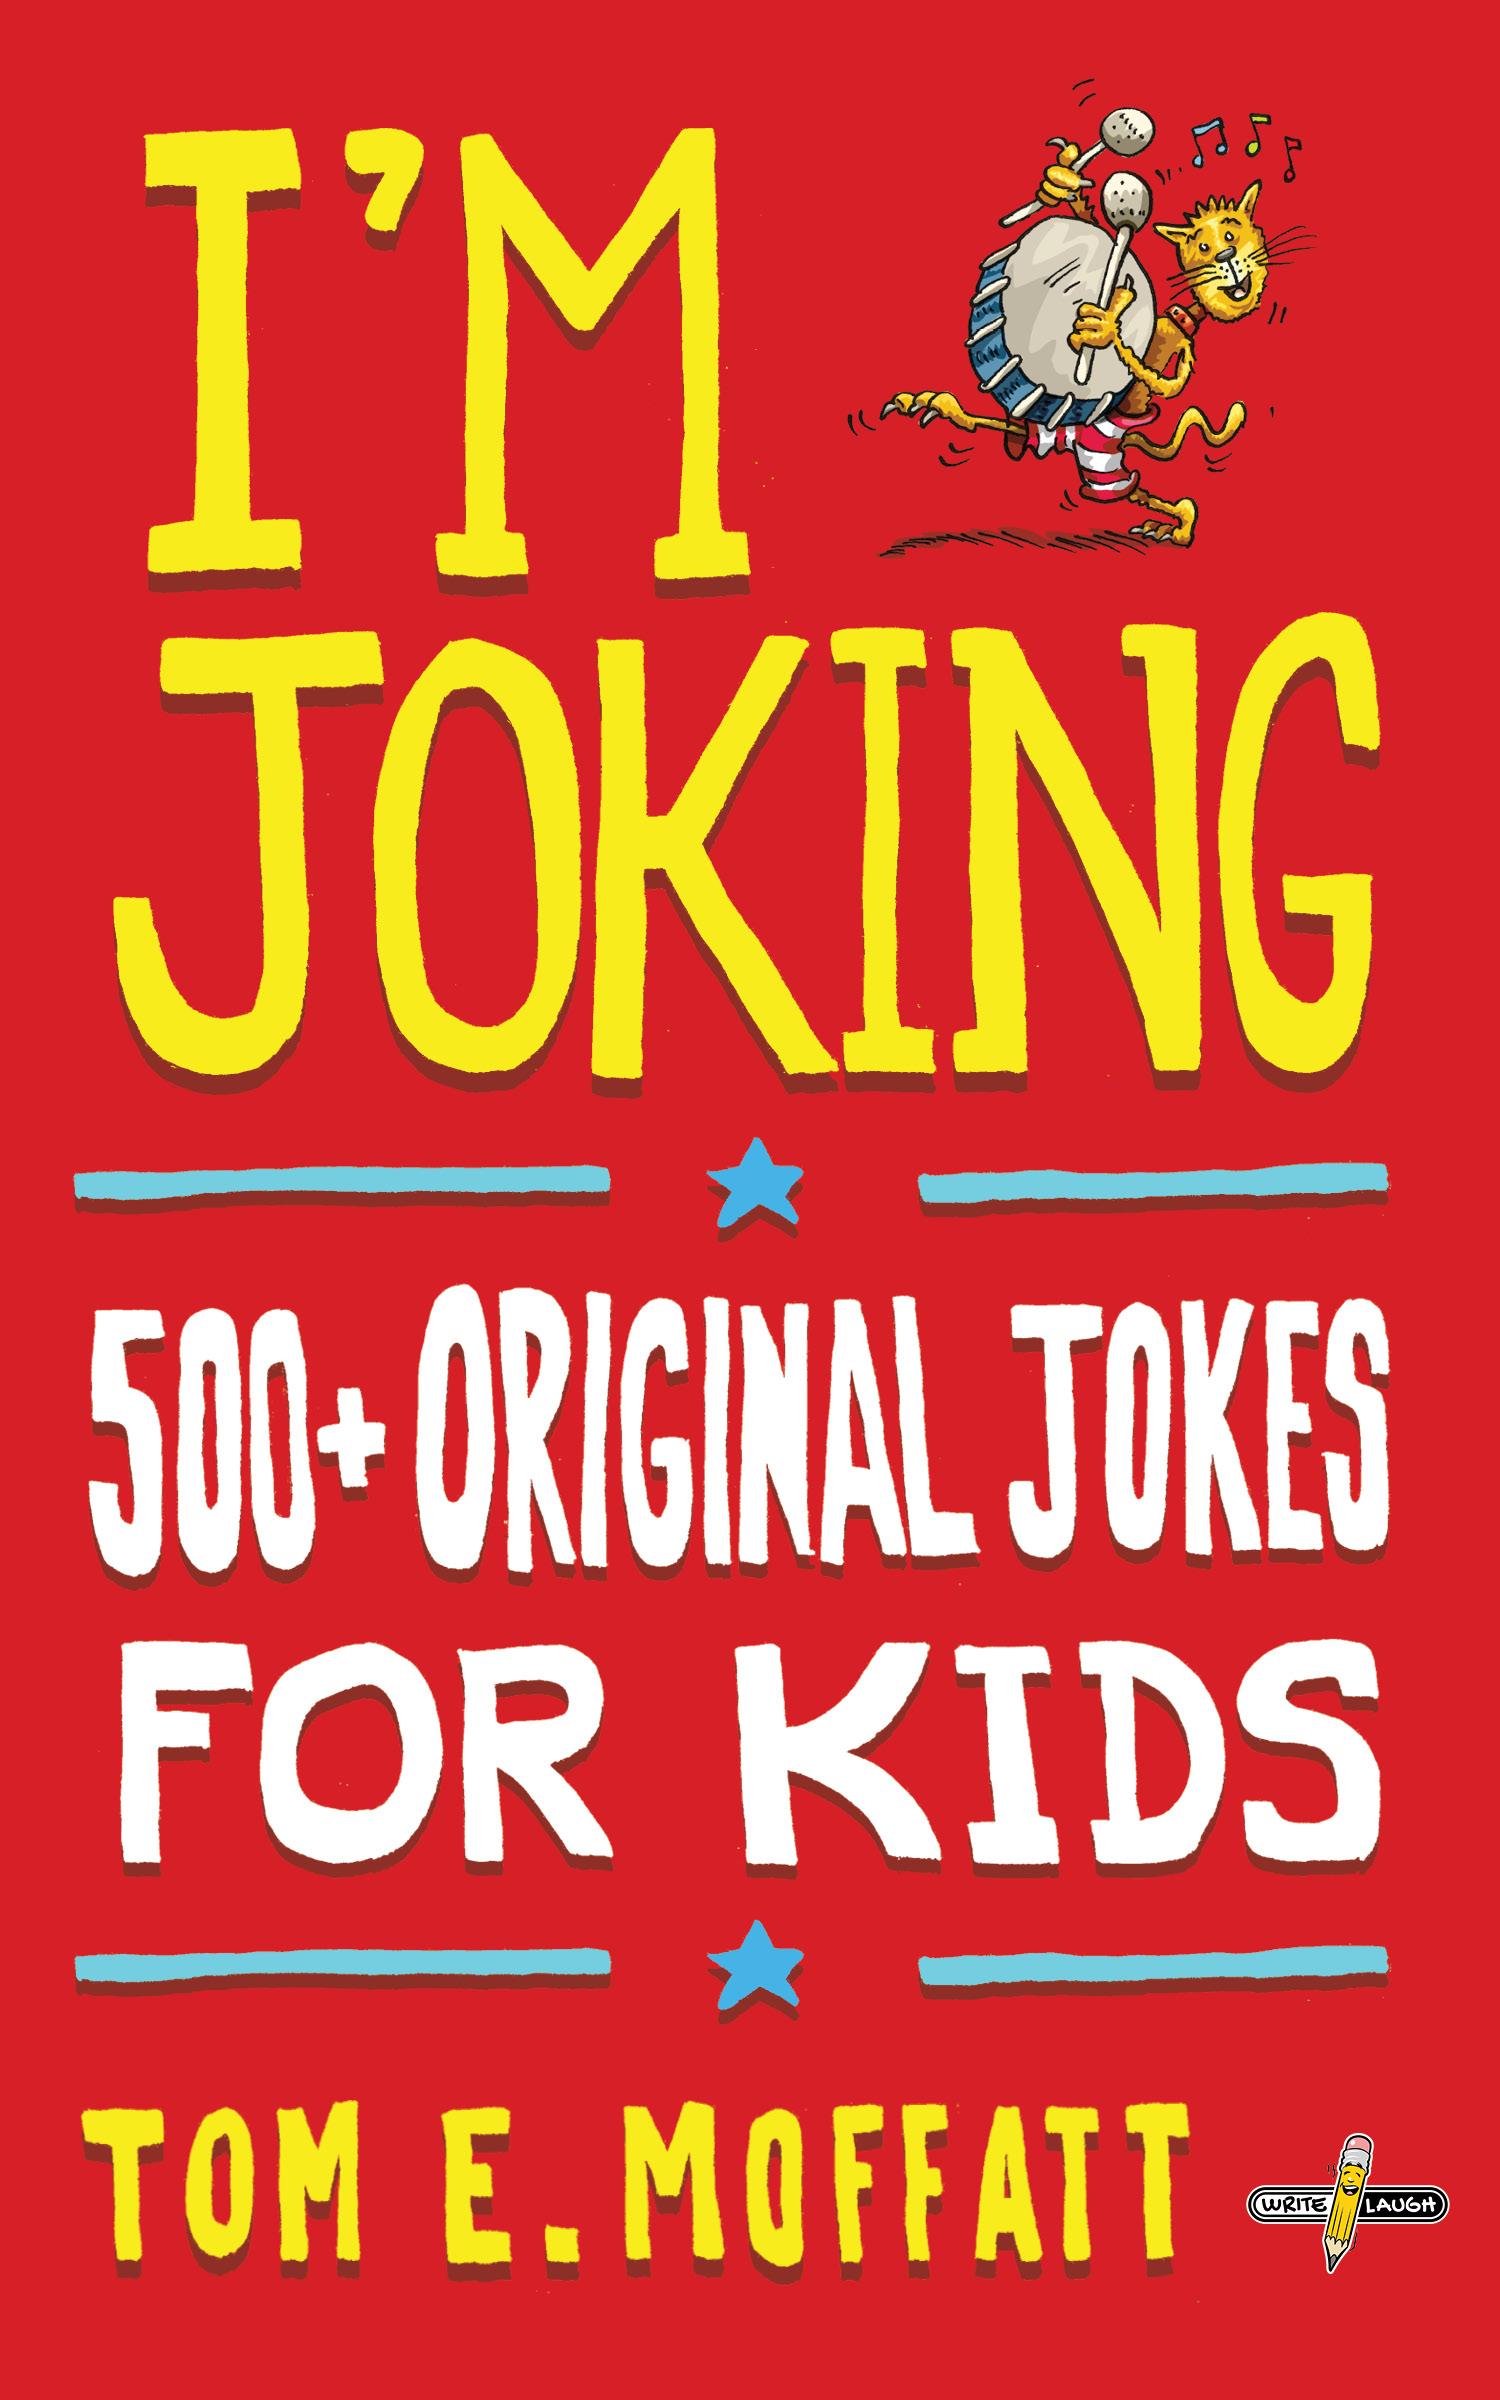 I'm Joking - 500+ Original Jokes for Kids